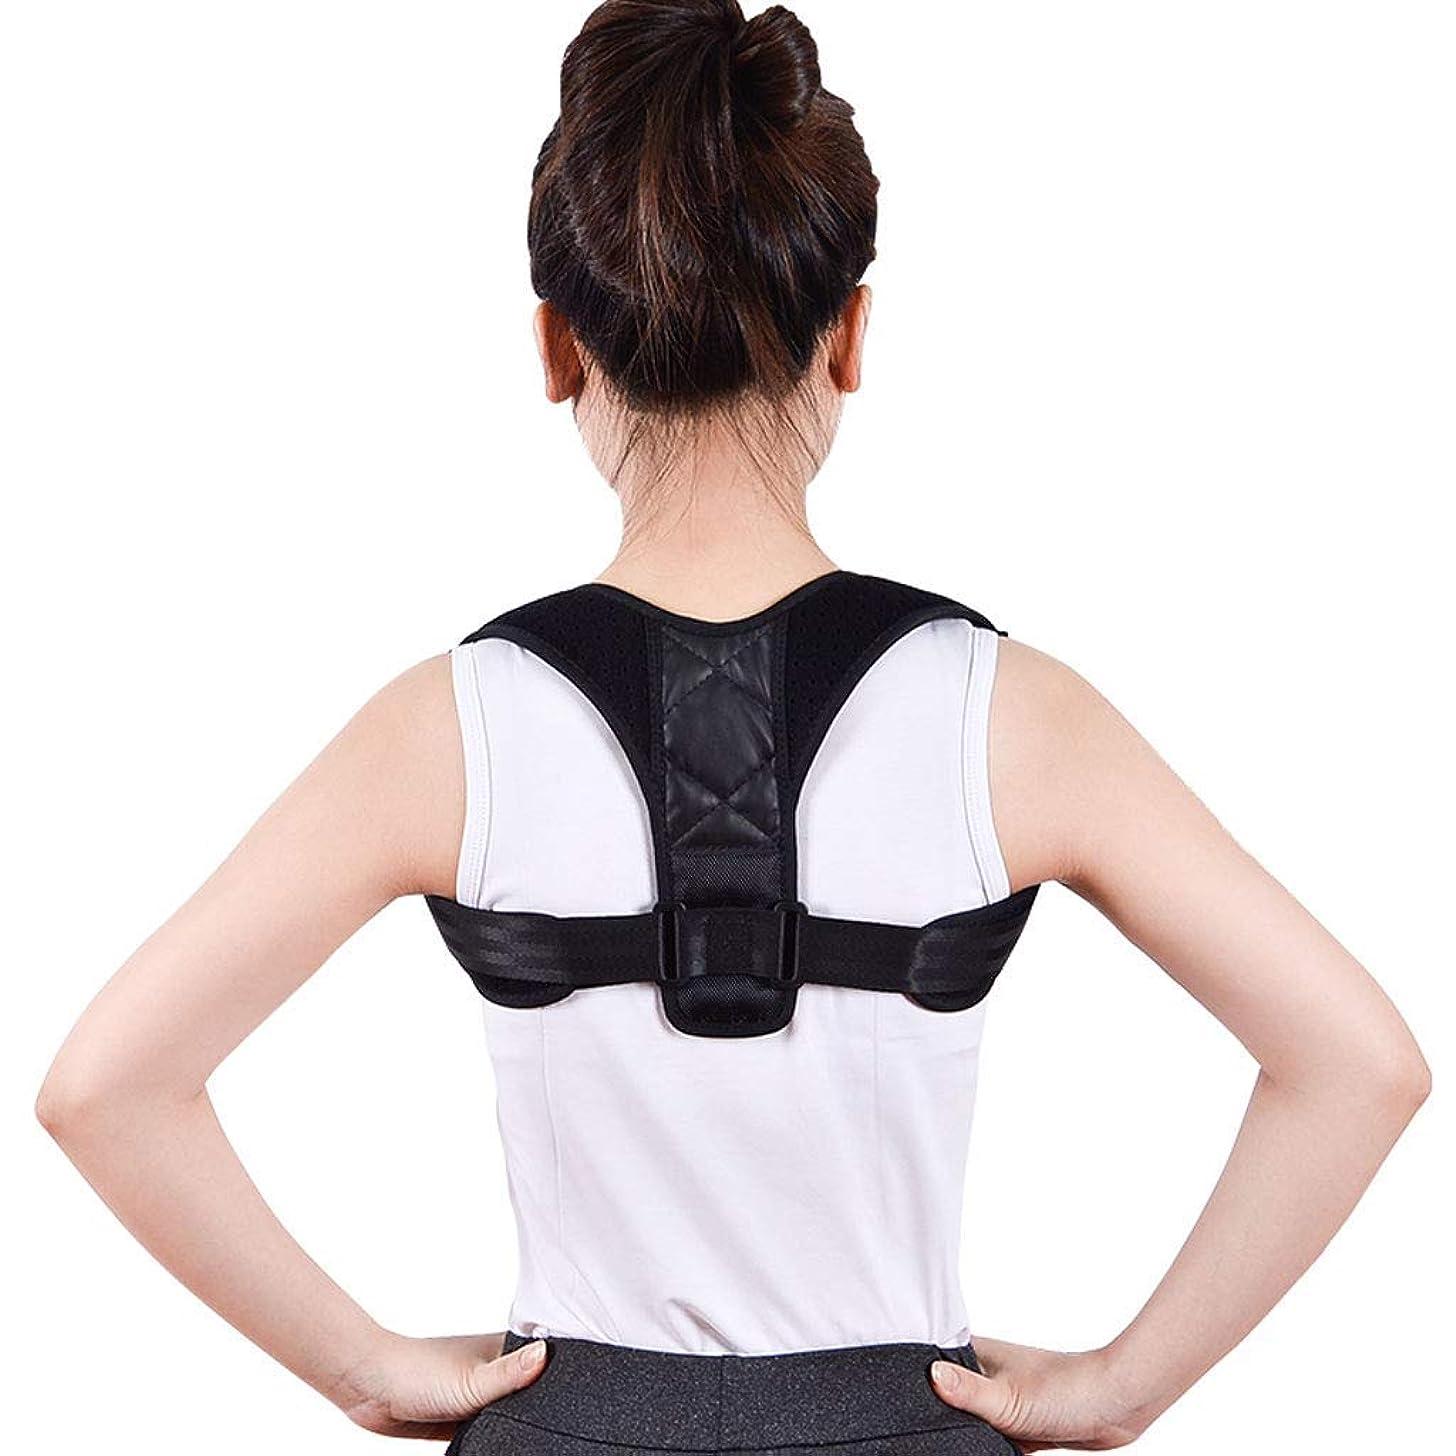 真向こう小包ネクタイザトウ矯正ベルト、成人男性と女性の高低の肩のハングバックの開いた肩のアーティファクト - 姿勢の改善に役立つ(サイズ:L(バスト:95-115cm))